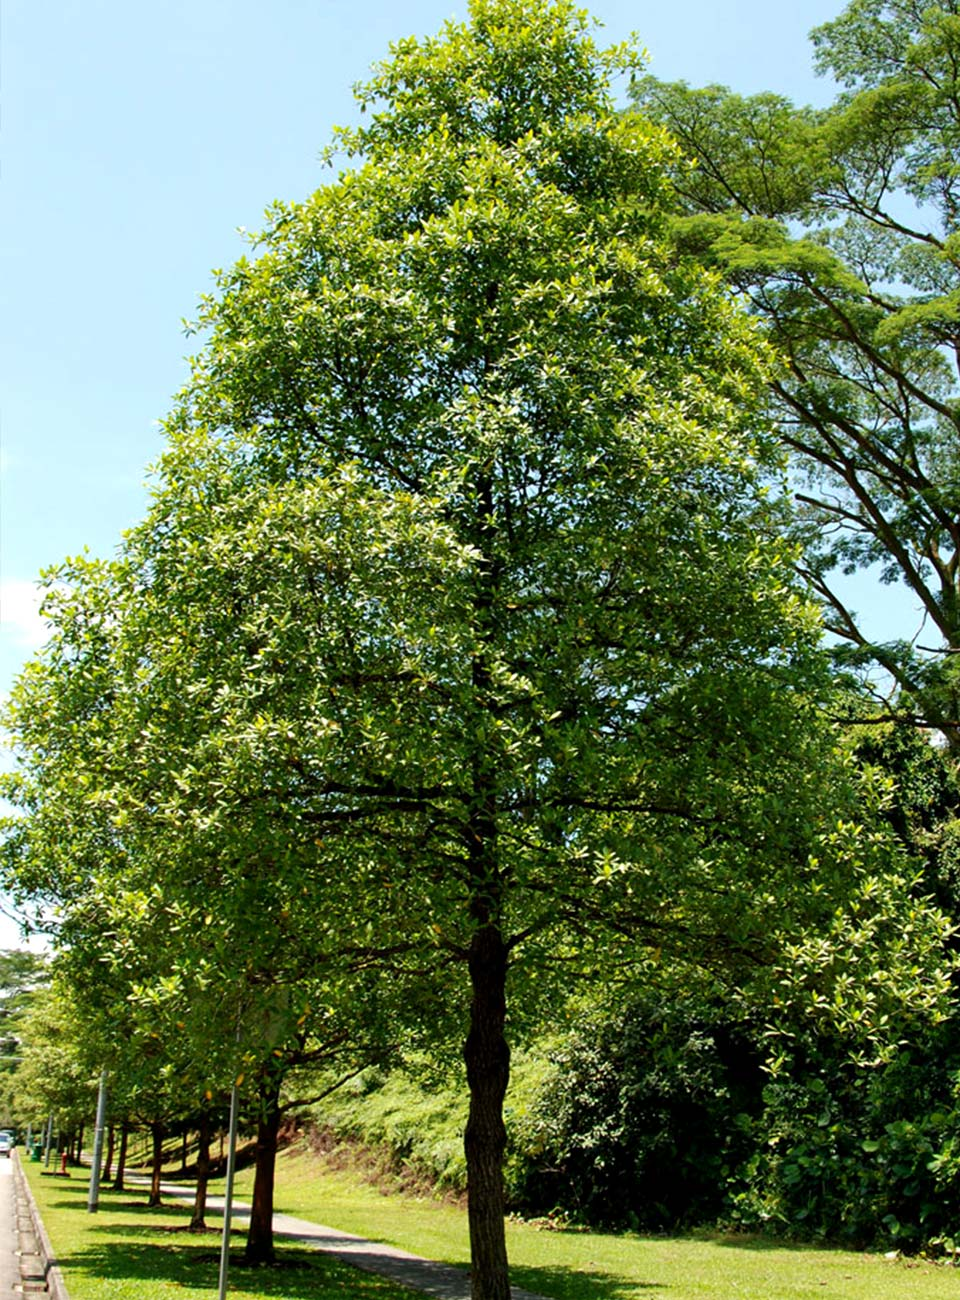 The Sea of Trees - Wikipedia